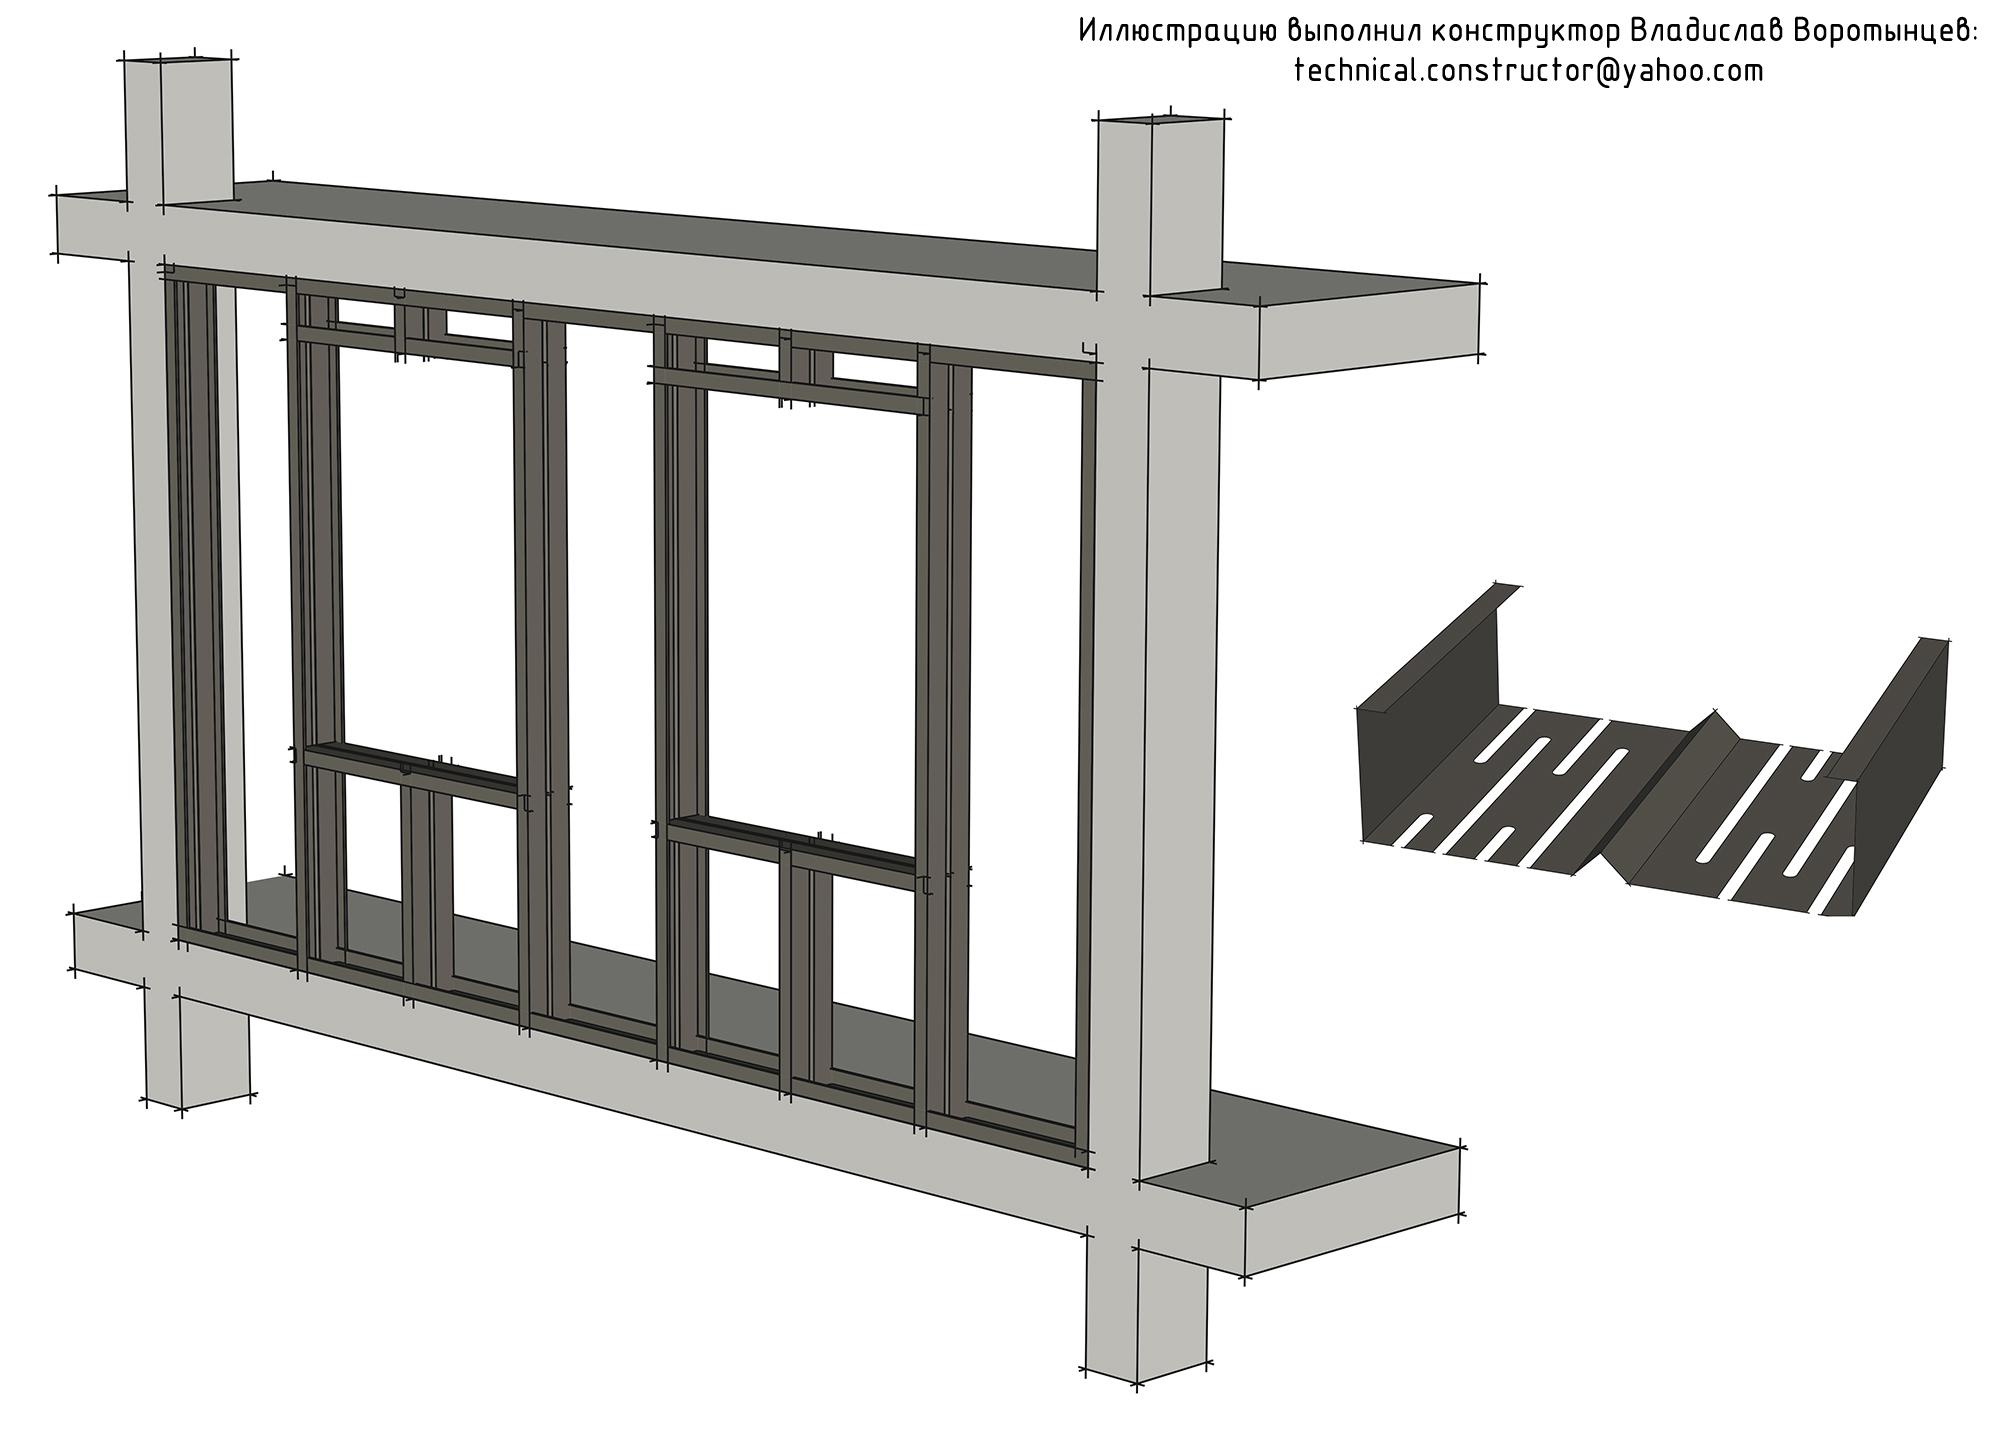 Рис. 9.8 Заполняющий каркас из тонких стальных профилей. Каркасные стены из стальных и двутавровых профилей